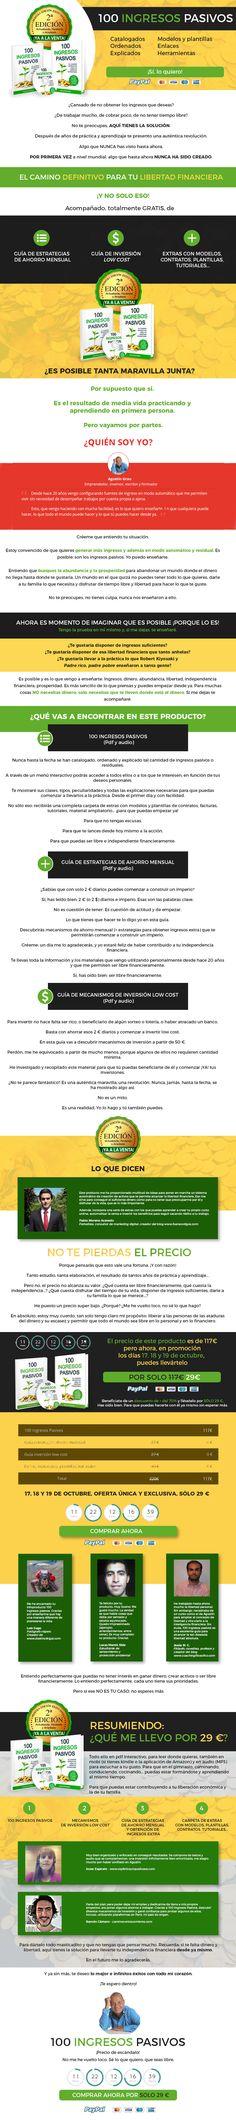 #Diseño de #LandingPage por Rosa León de #Mimoilus | Comunicación gráfica editorial , branding y web  #diseñoeditorial #branding #diseñografico #web #wordpress Marca Personal, Wordpress, Branding, Pink, Photomontage, Editorial Design, Design Web, Logos, Brand Management